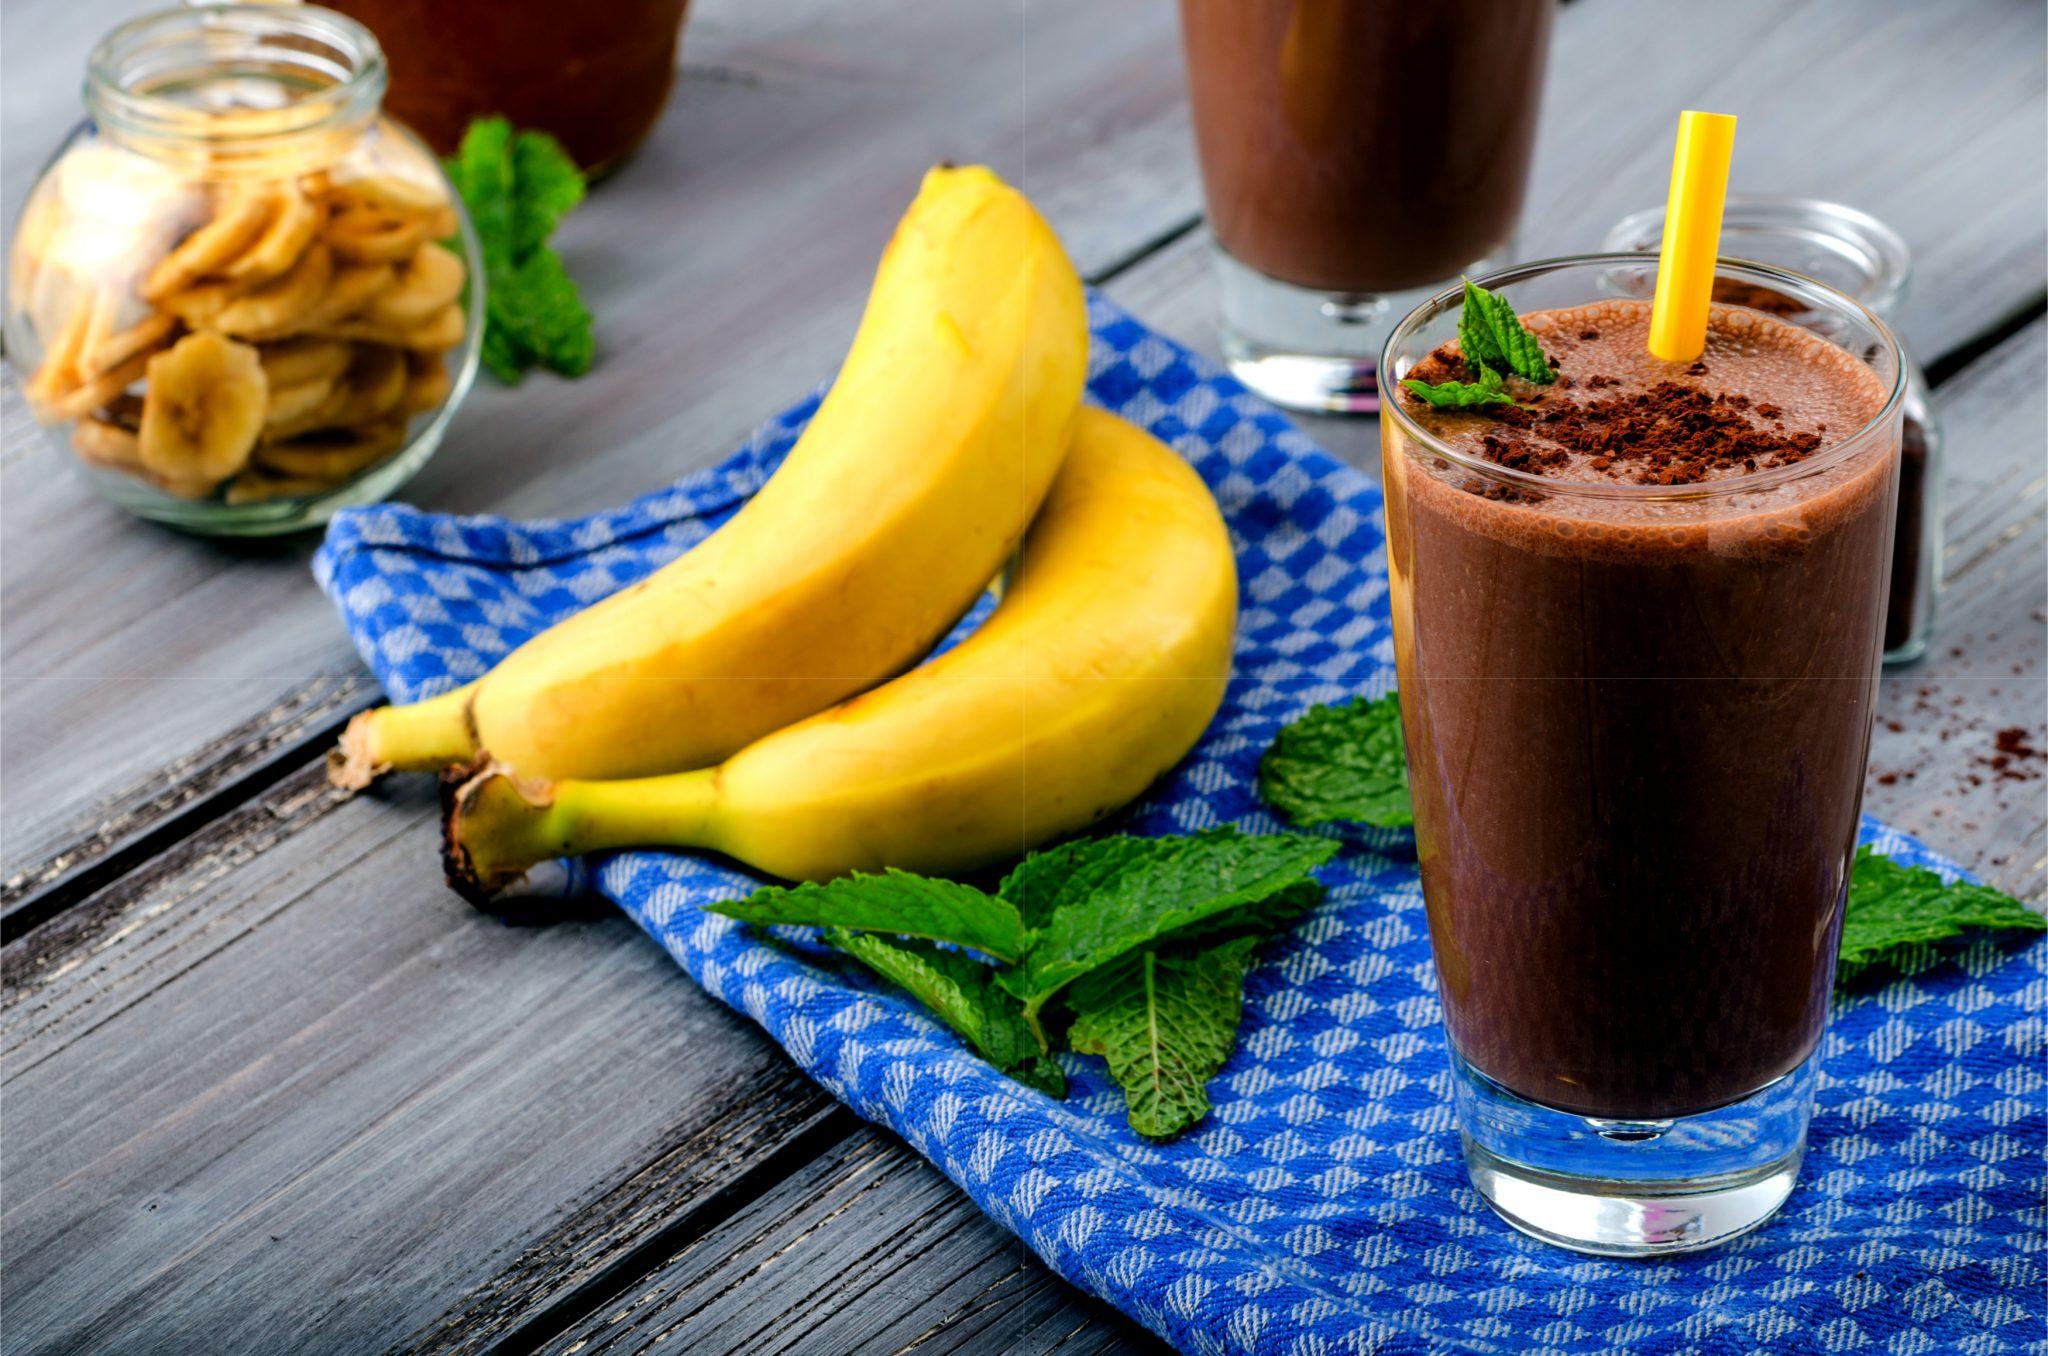 チョコレートシェイクとバナナ